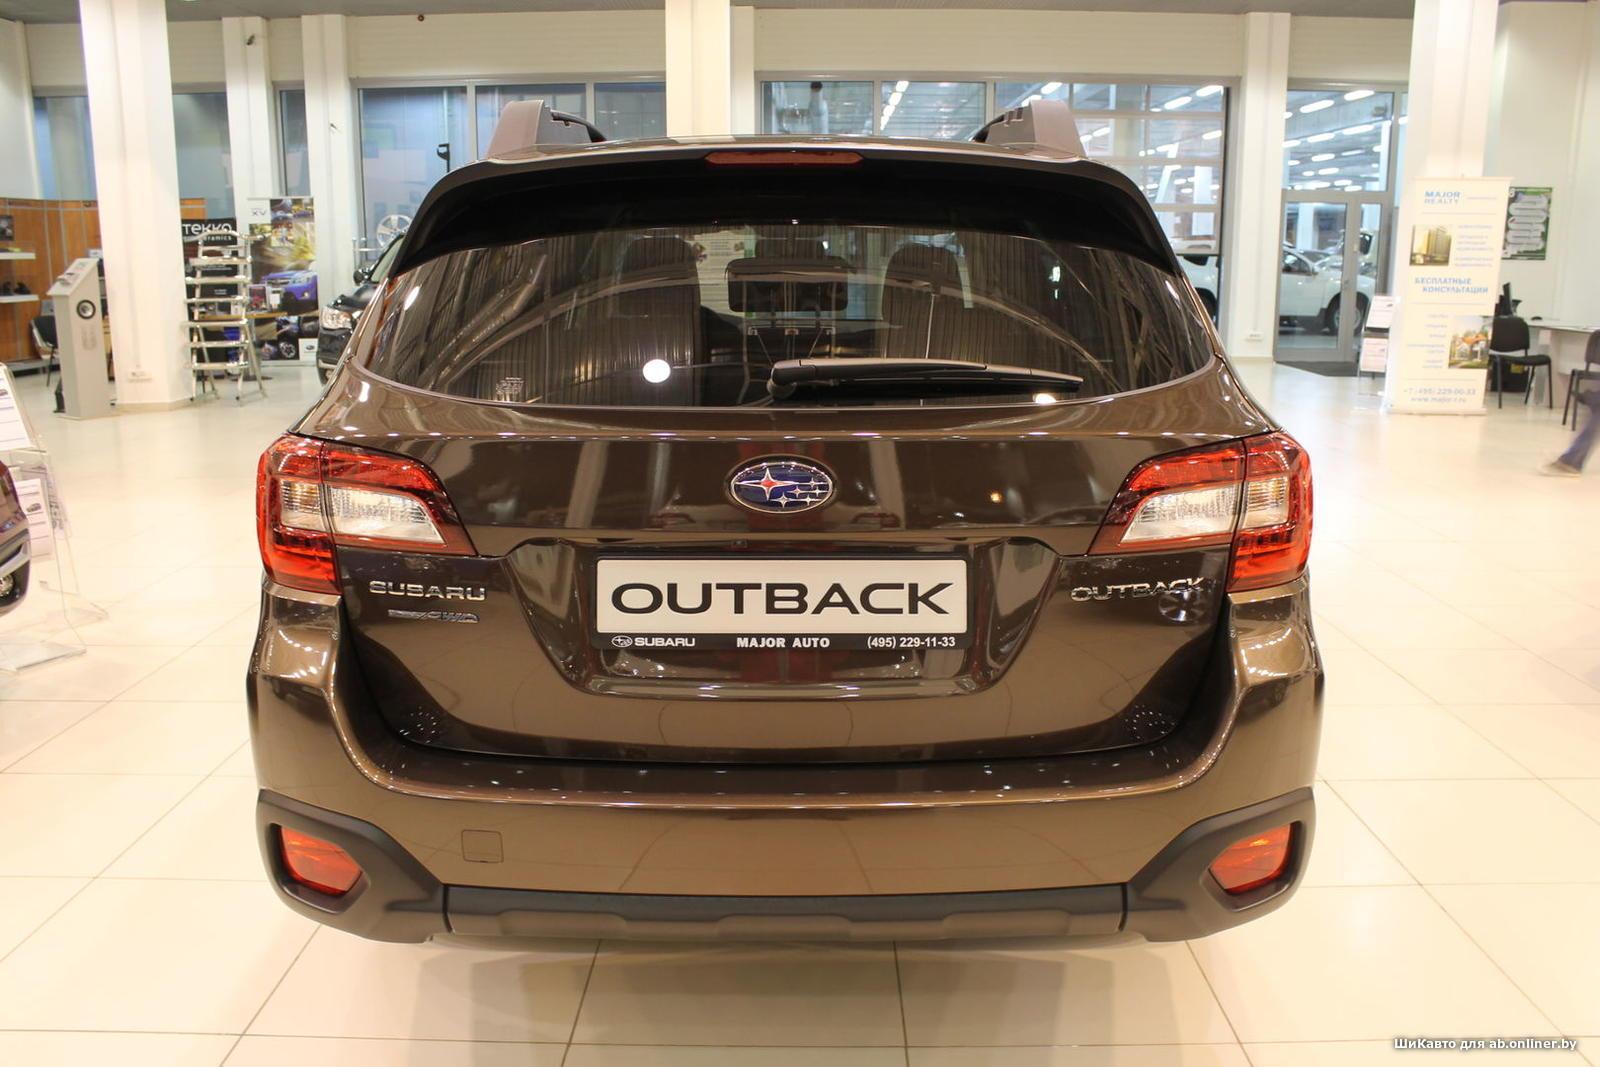 Subaru Outback 2.5i STANDARD (II)